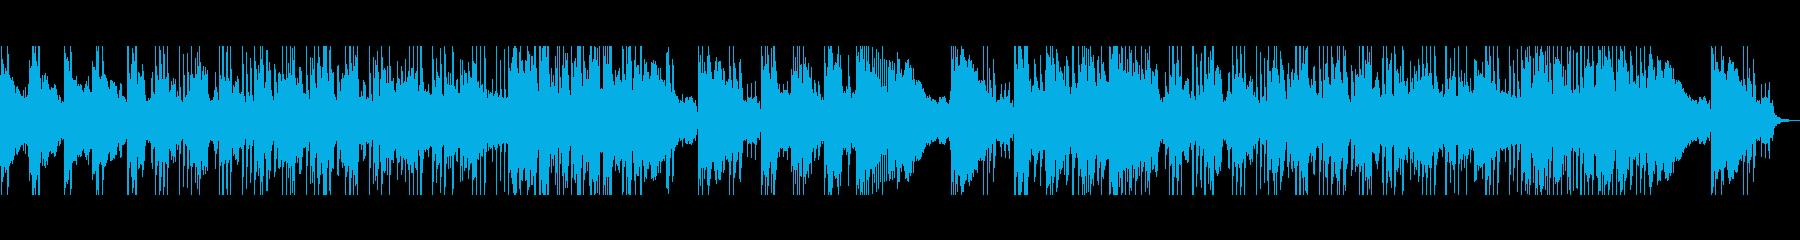 オシャレ大人な雰囲気リズムBGMの再生済みの波形